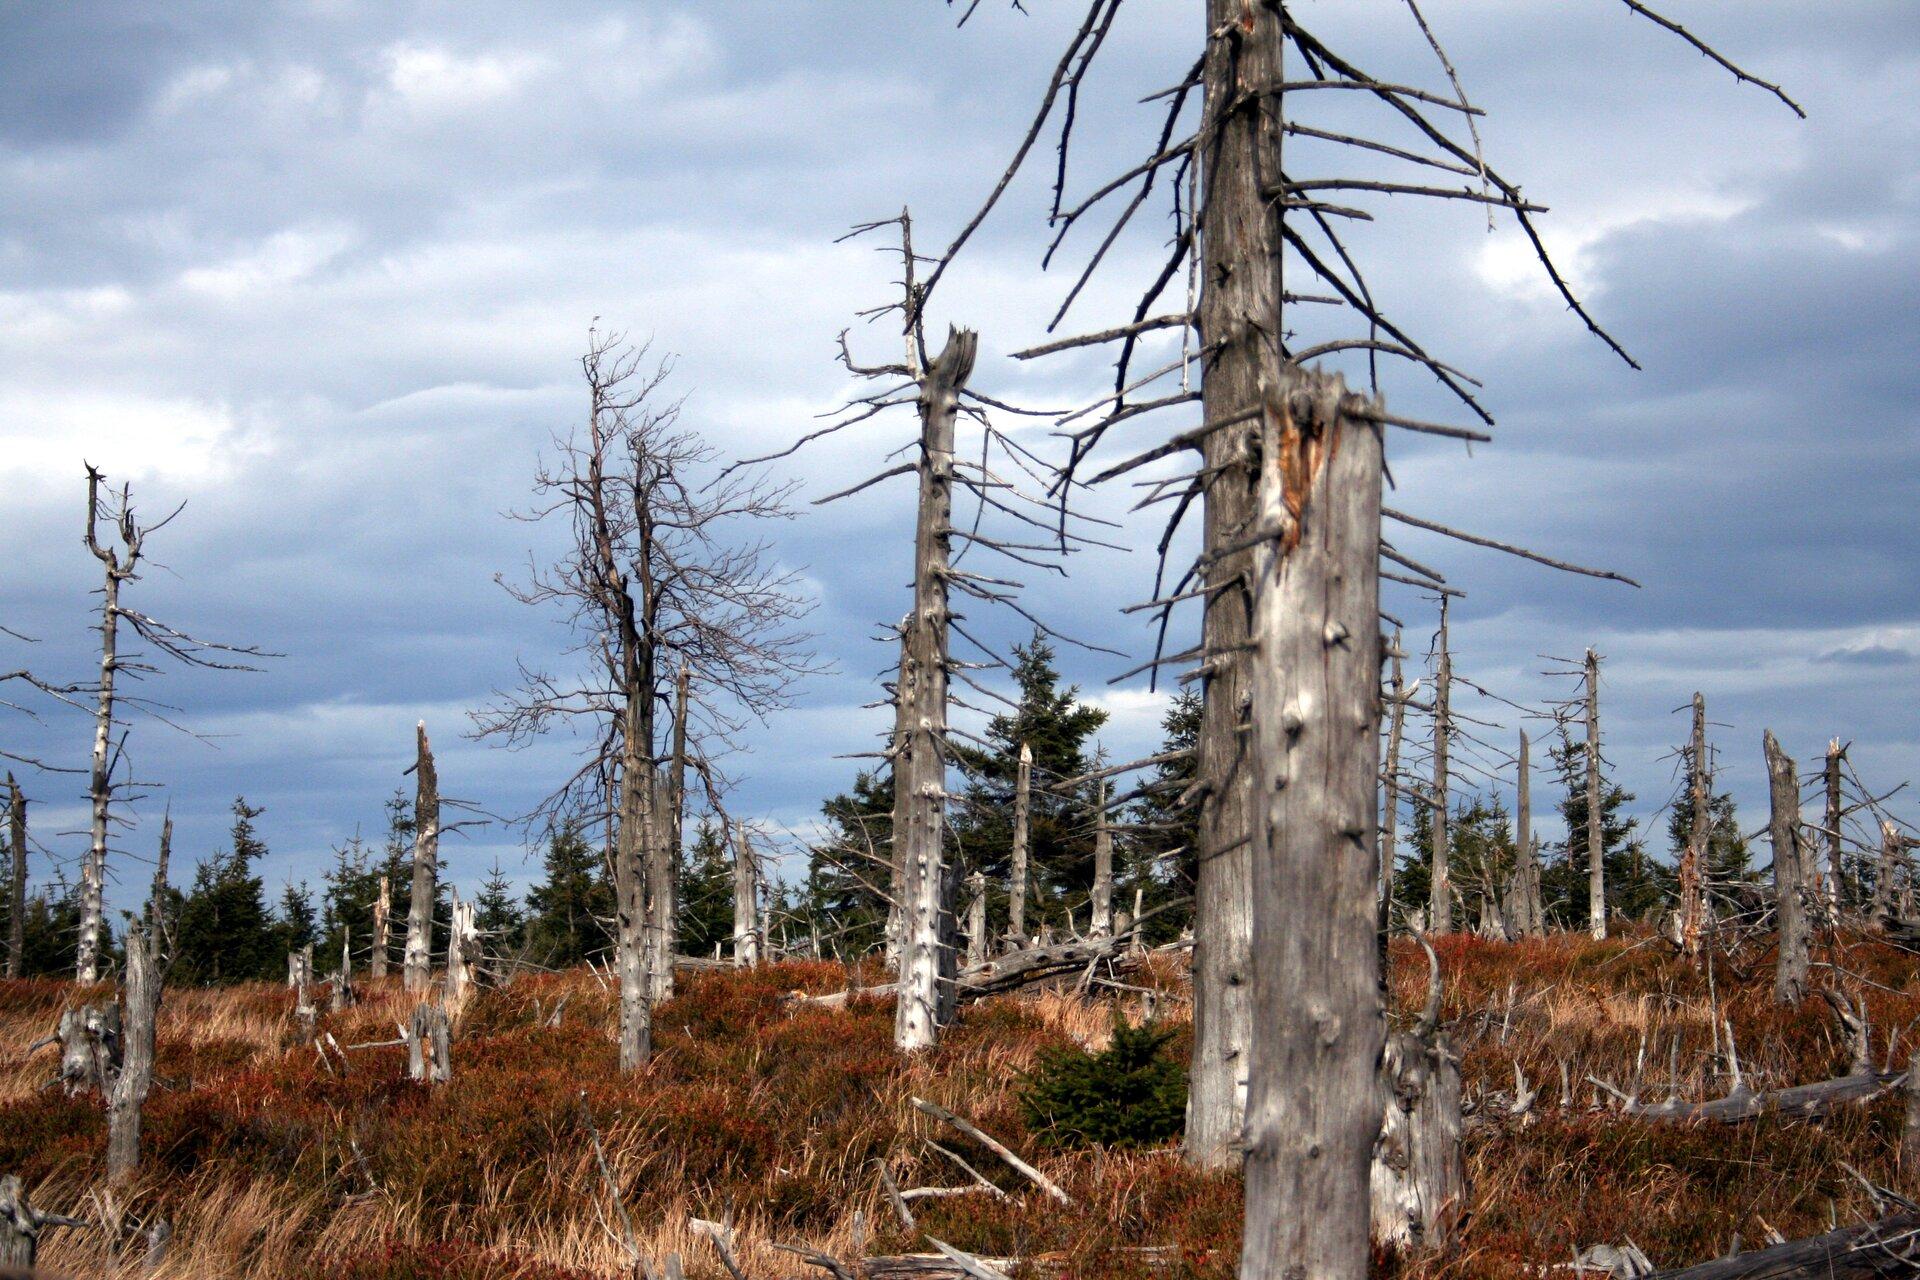 Fotografia przedstawia kilkanaście szarych, wyschniętych pni drzew ze sterczącymi gałęziami. Stoją na górskim zboczu wzrudziałej trawie. To martwy las wGórach Sowich. Za nim rosną ciemnozielone świerki.